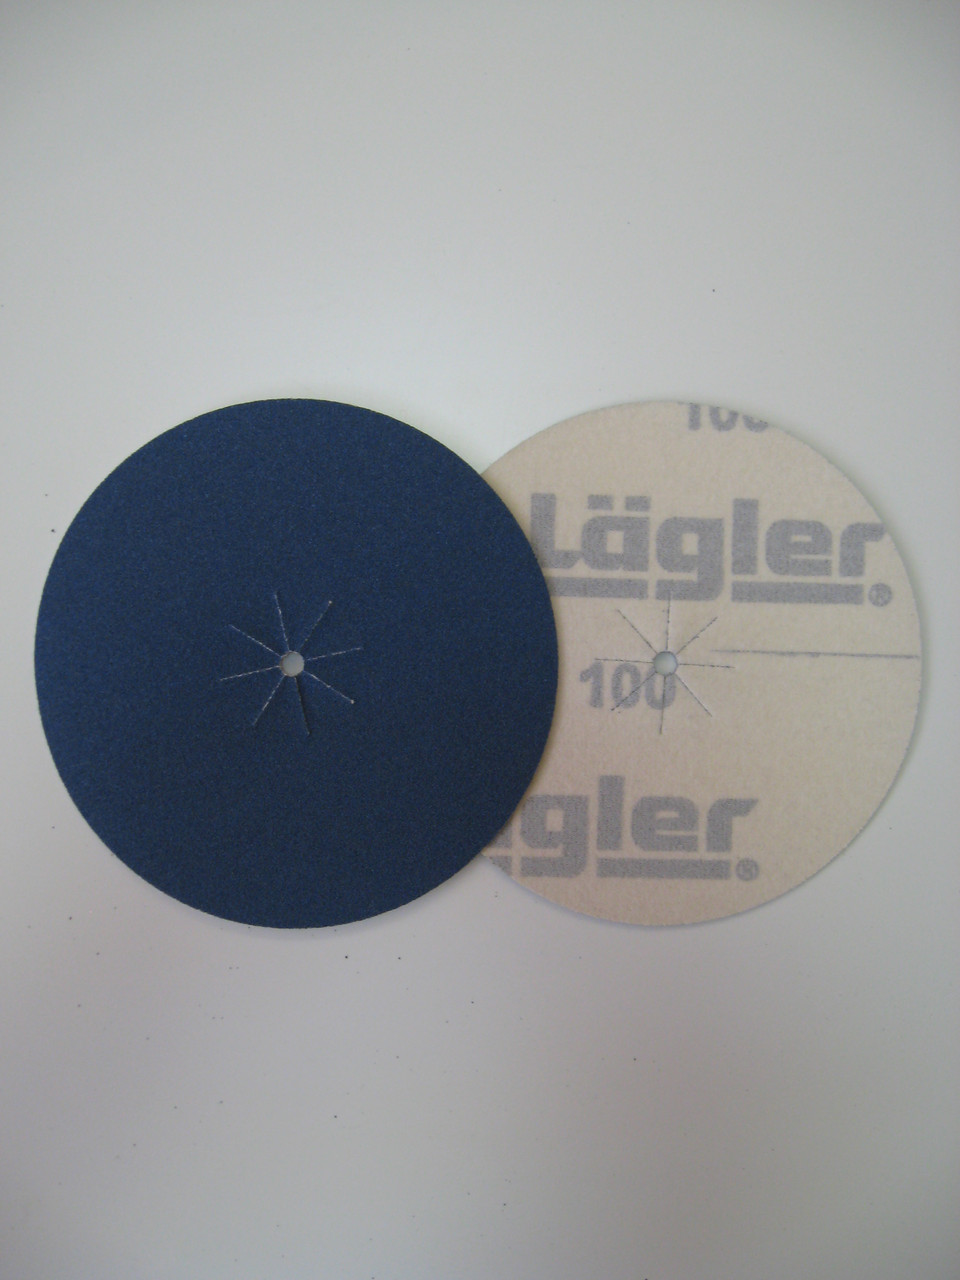 Шлифовальный диск Lagler 150мм P100